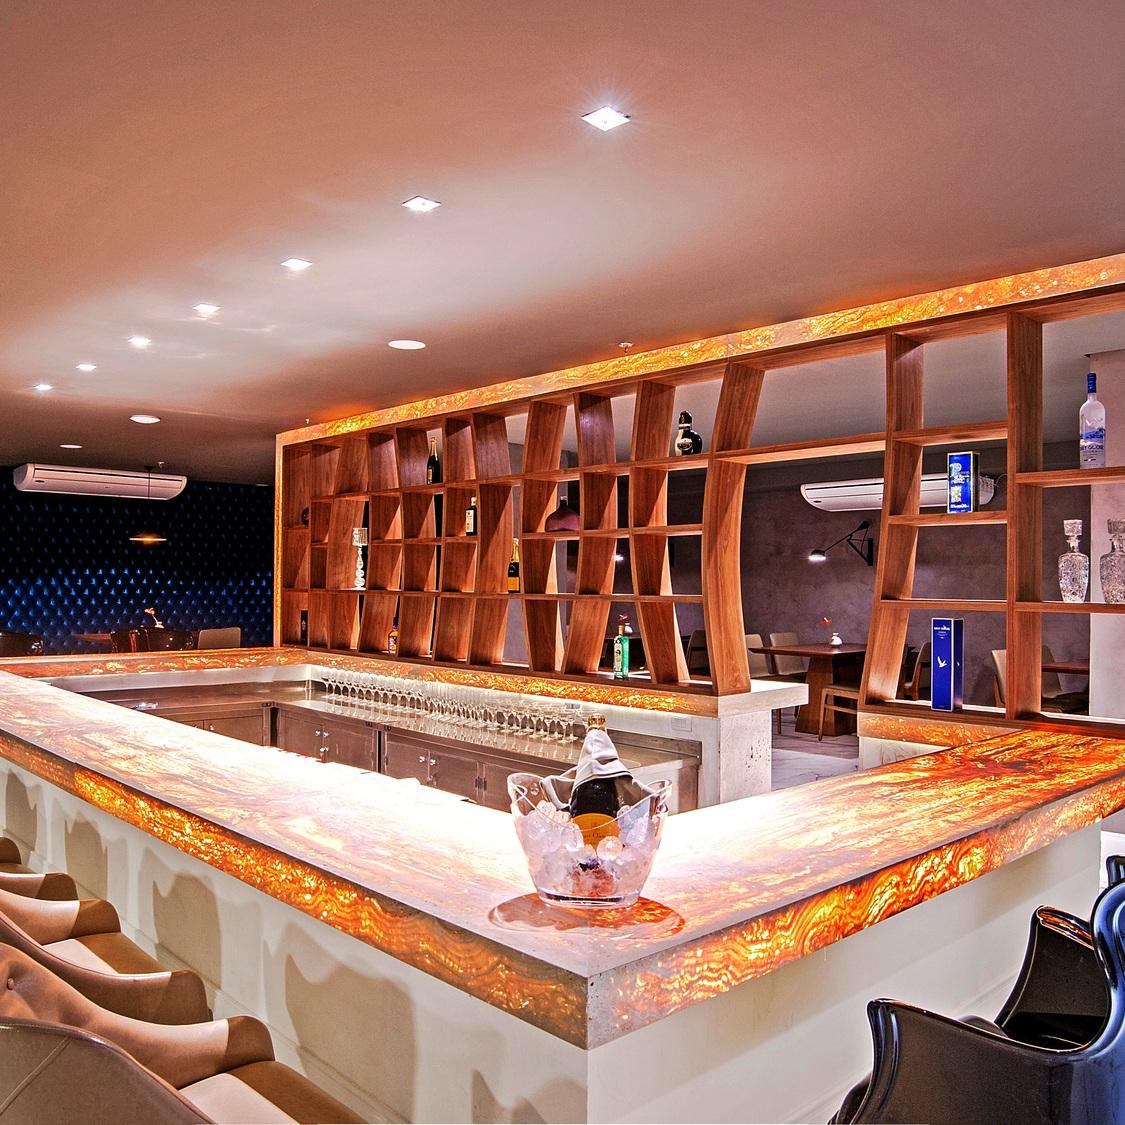 Champagne Restaurante & Bar - Slaviero Conceptual Brut